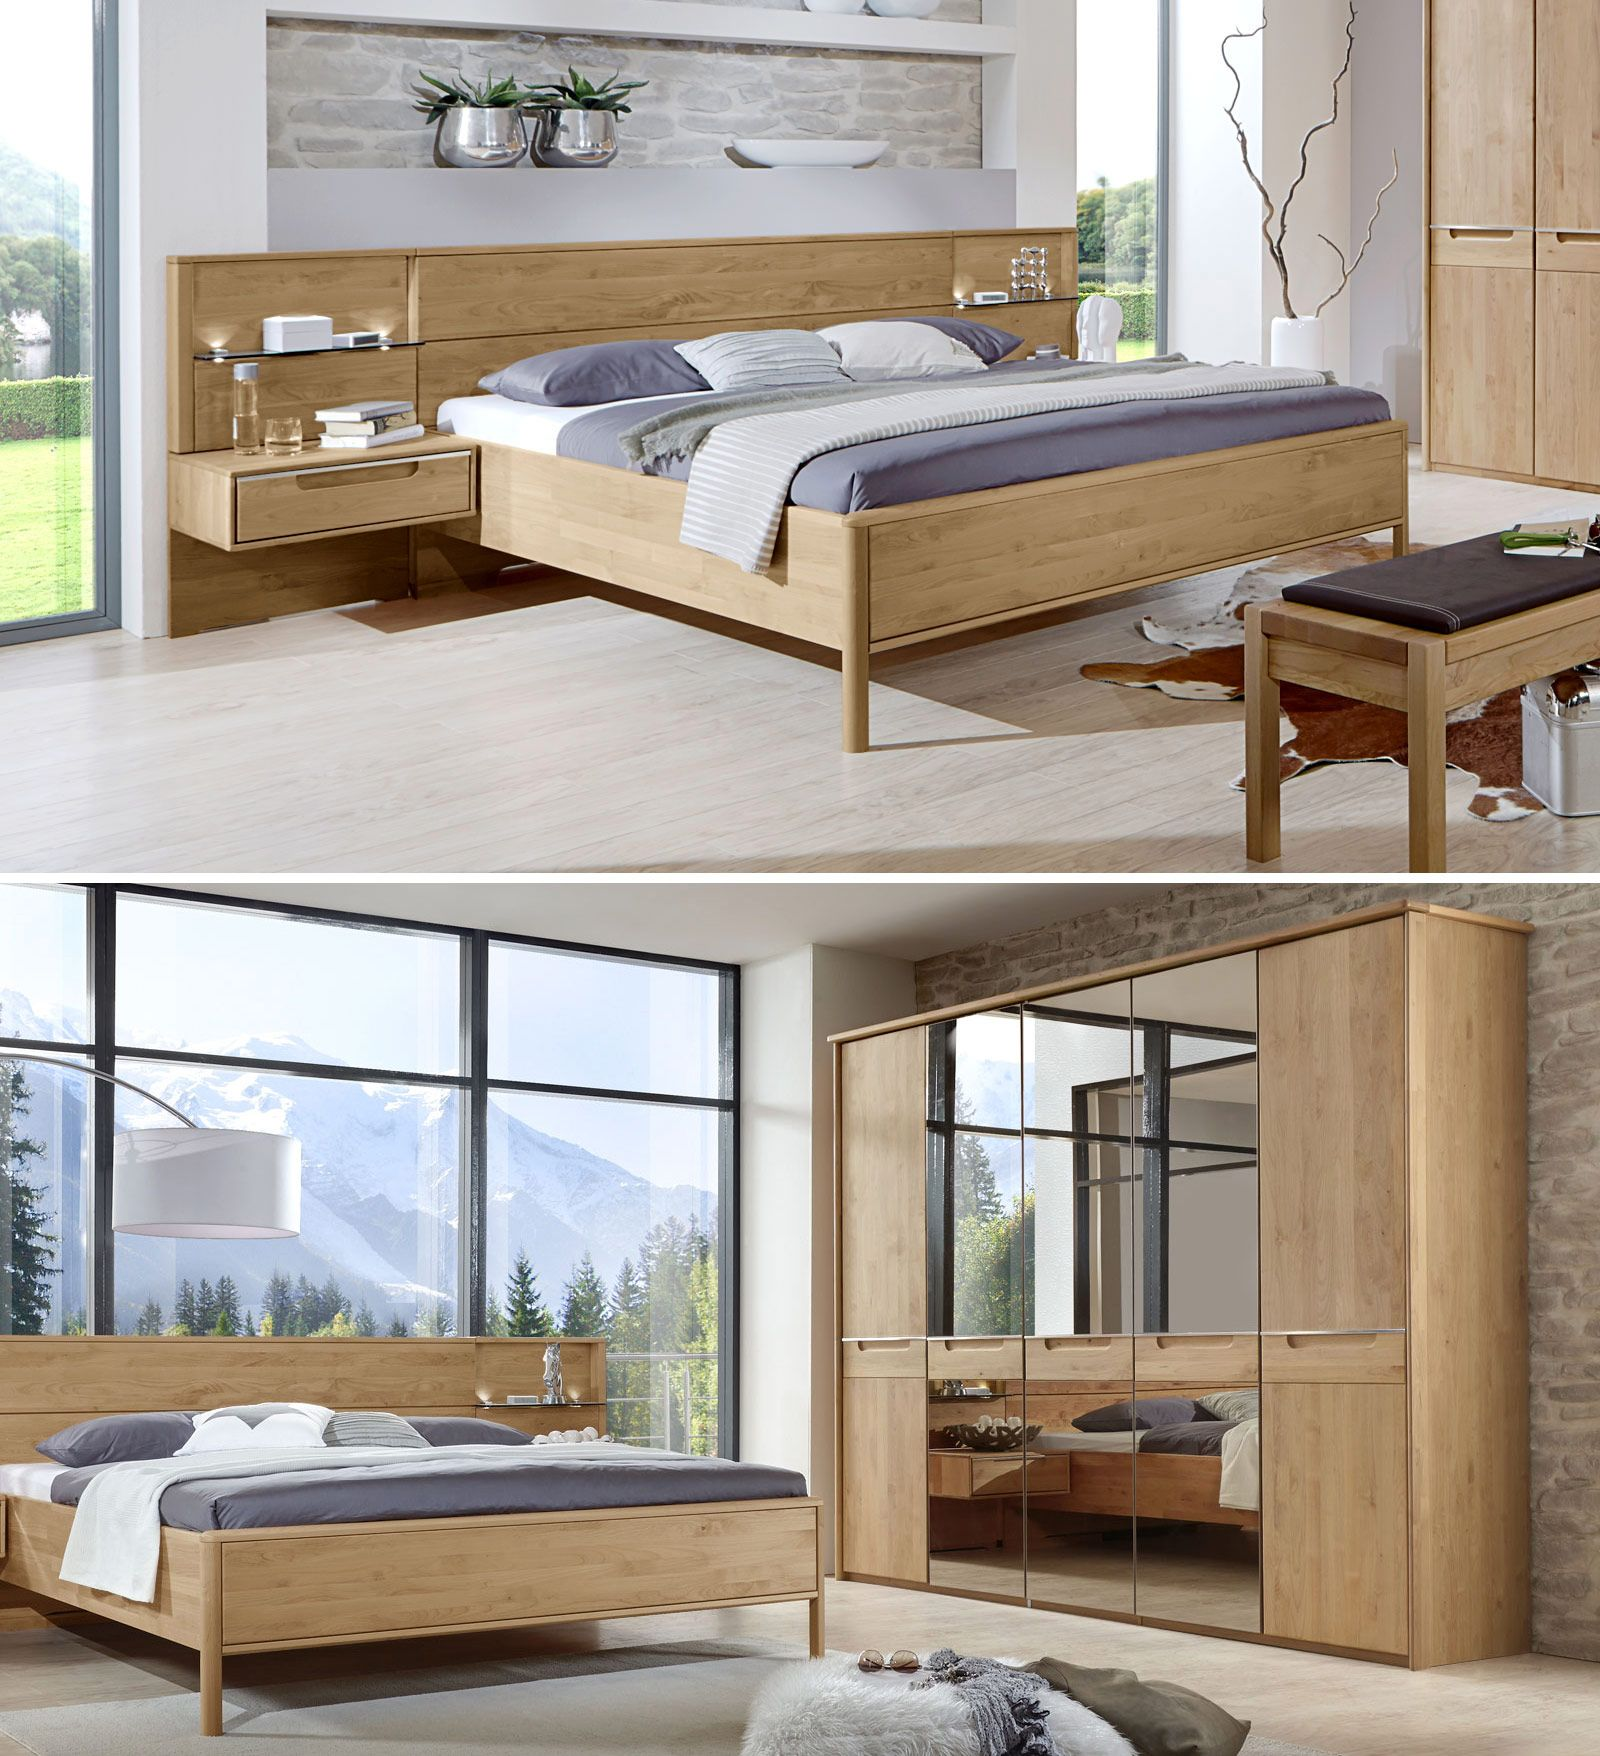 Preiswerte Schlafzimmer Komplett   Bett Eichenbalken Bauen